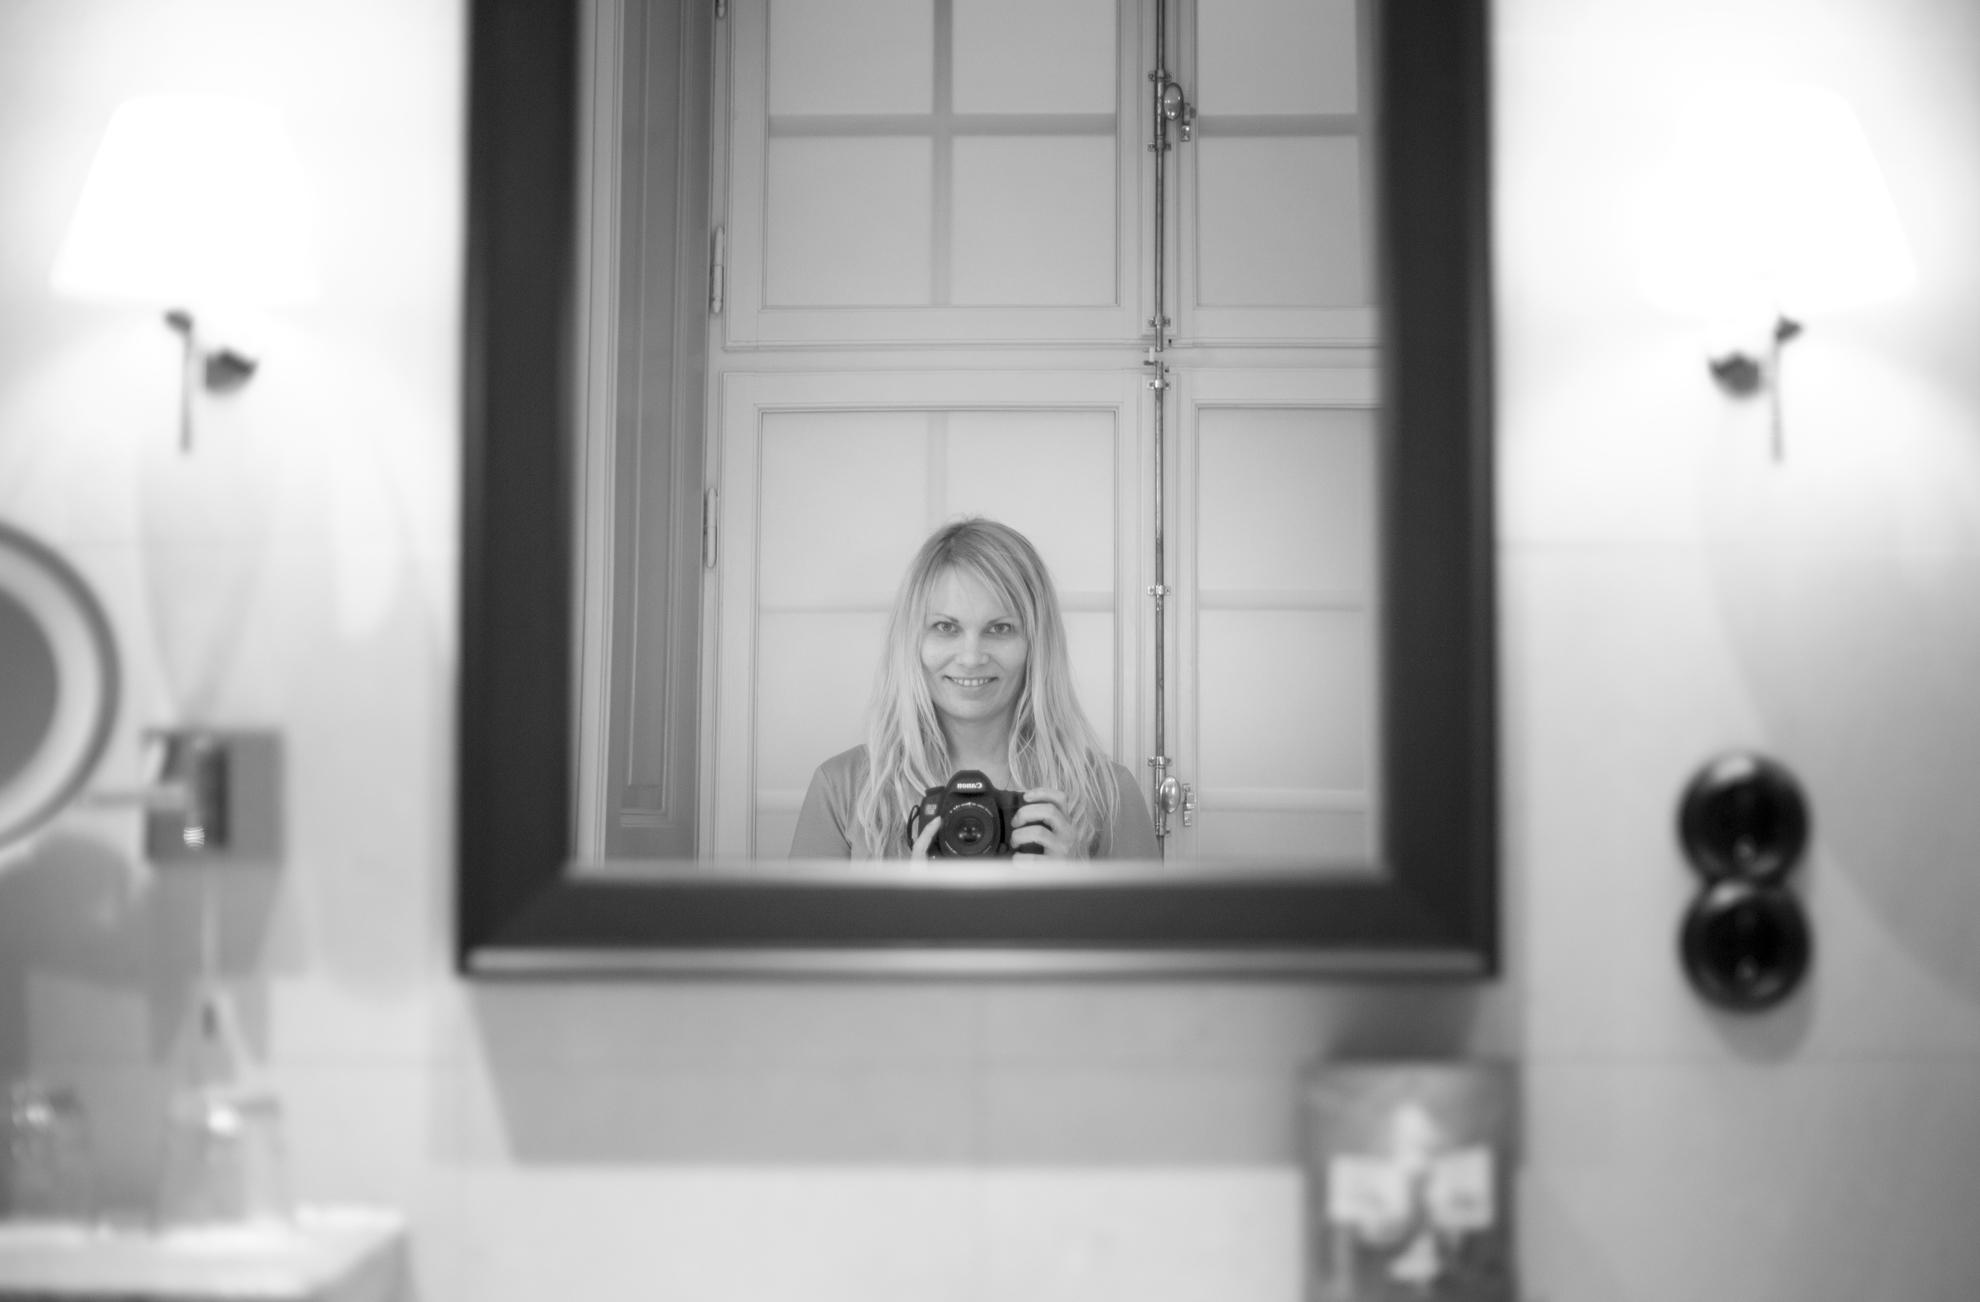 selfie_Kingsgarden